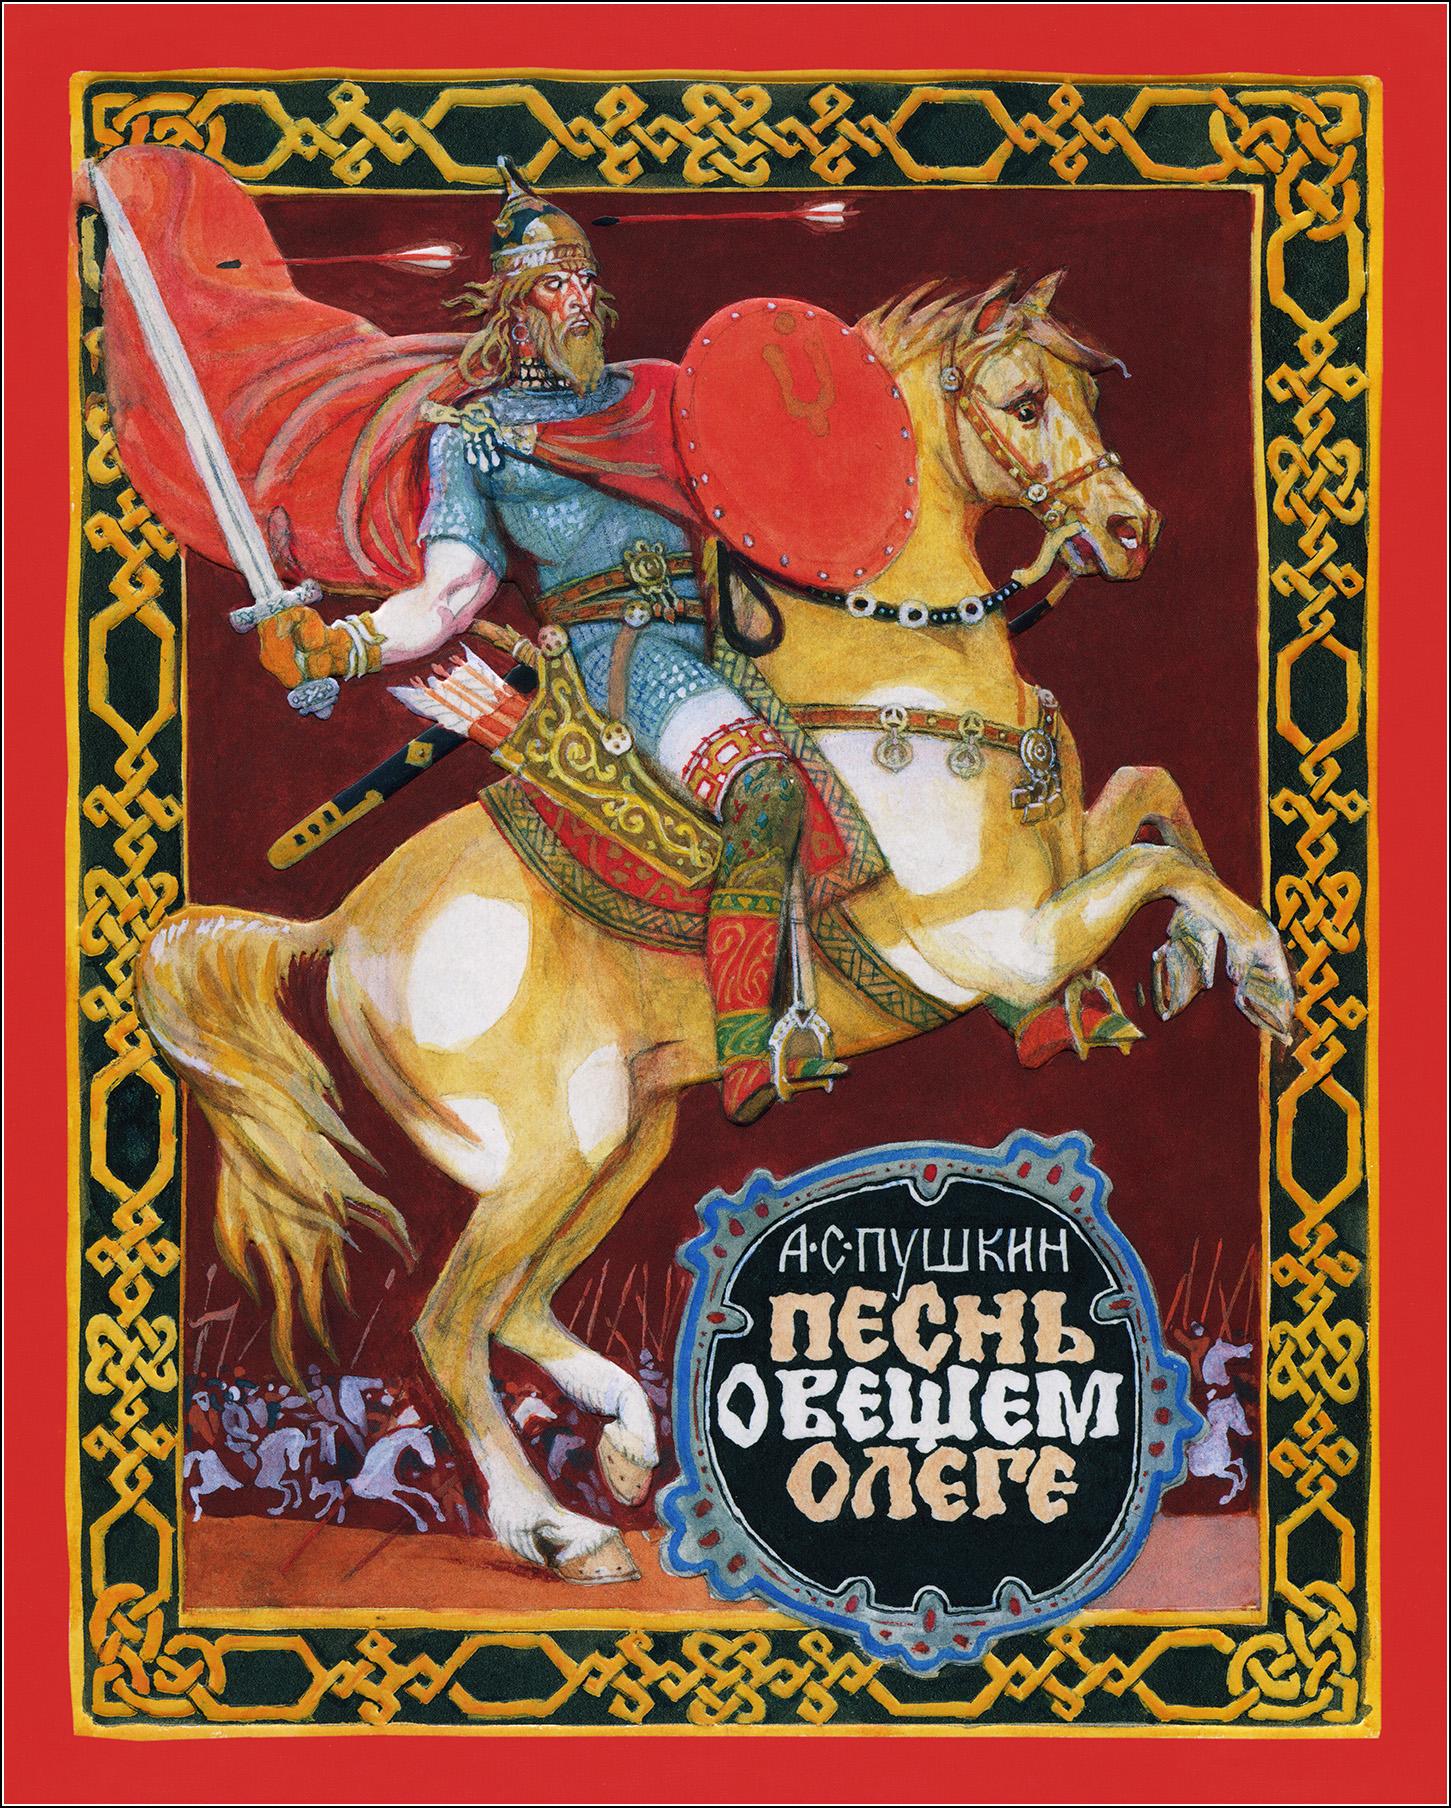 Лосин, Песнь о вещем Олеге